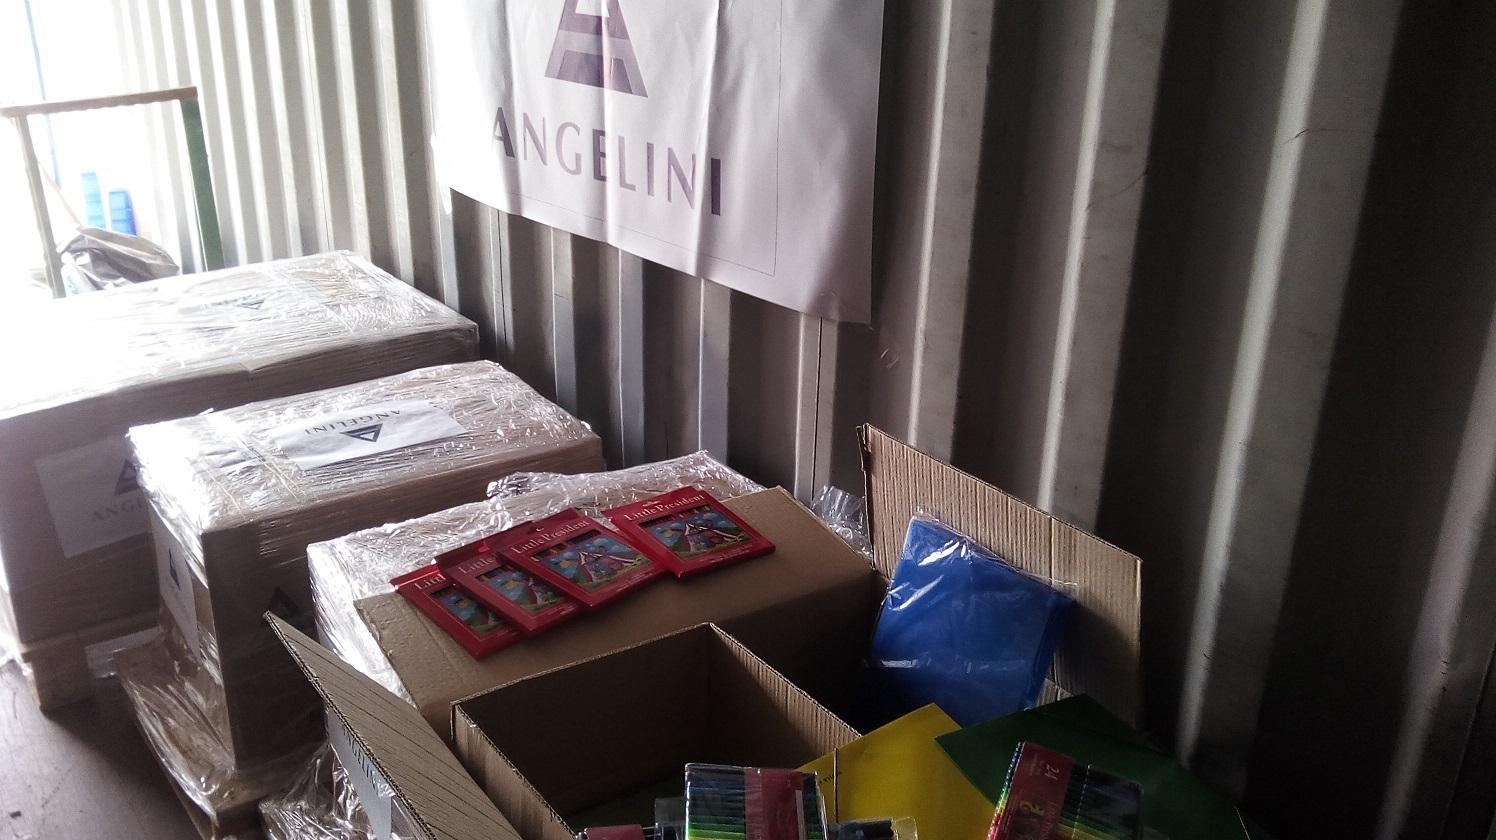 Η Angelini Pharma Hellas δίπλα στους σεισμόπληκτους της Λέσβου